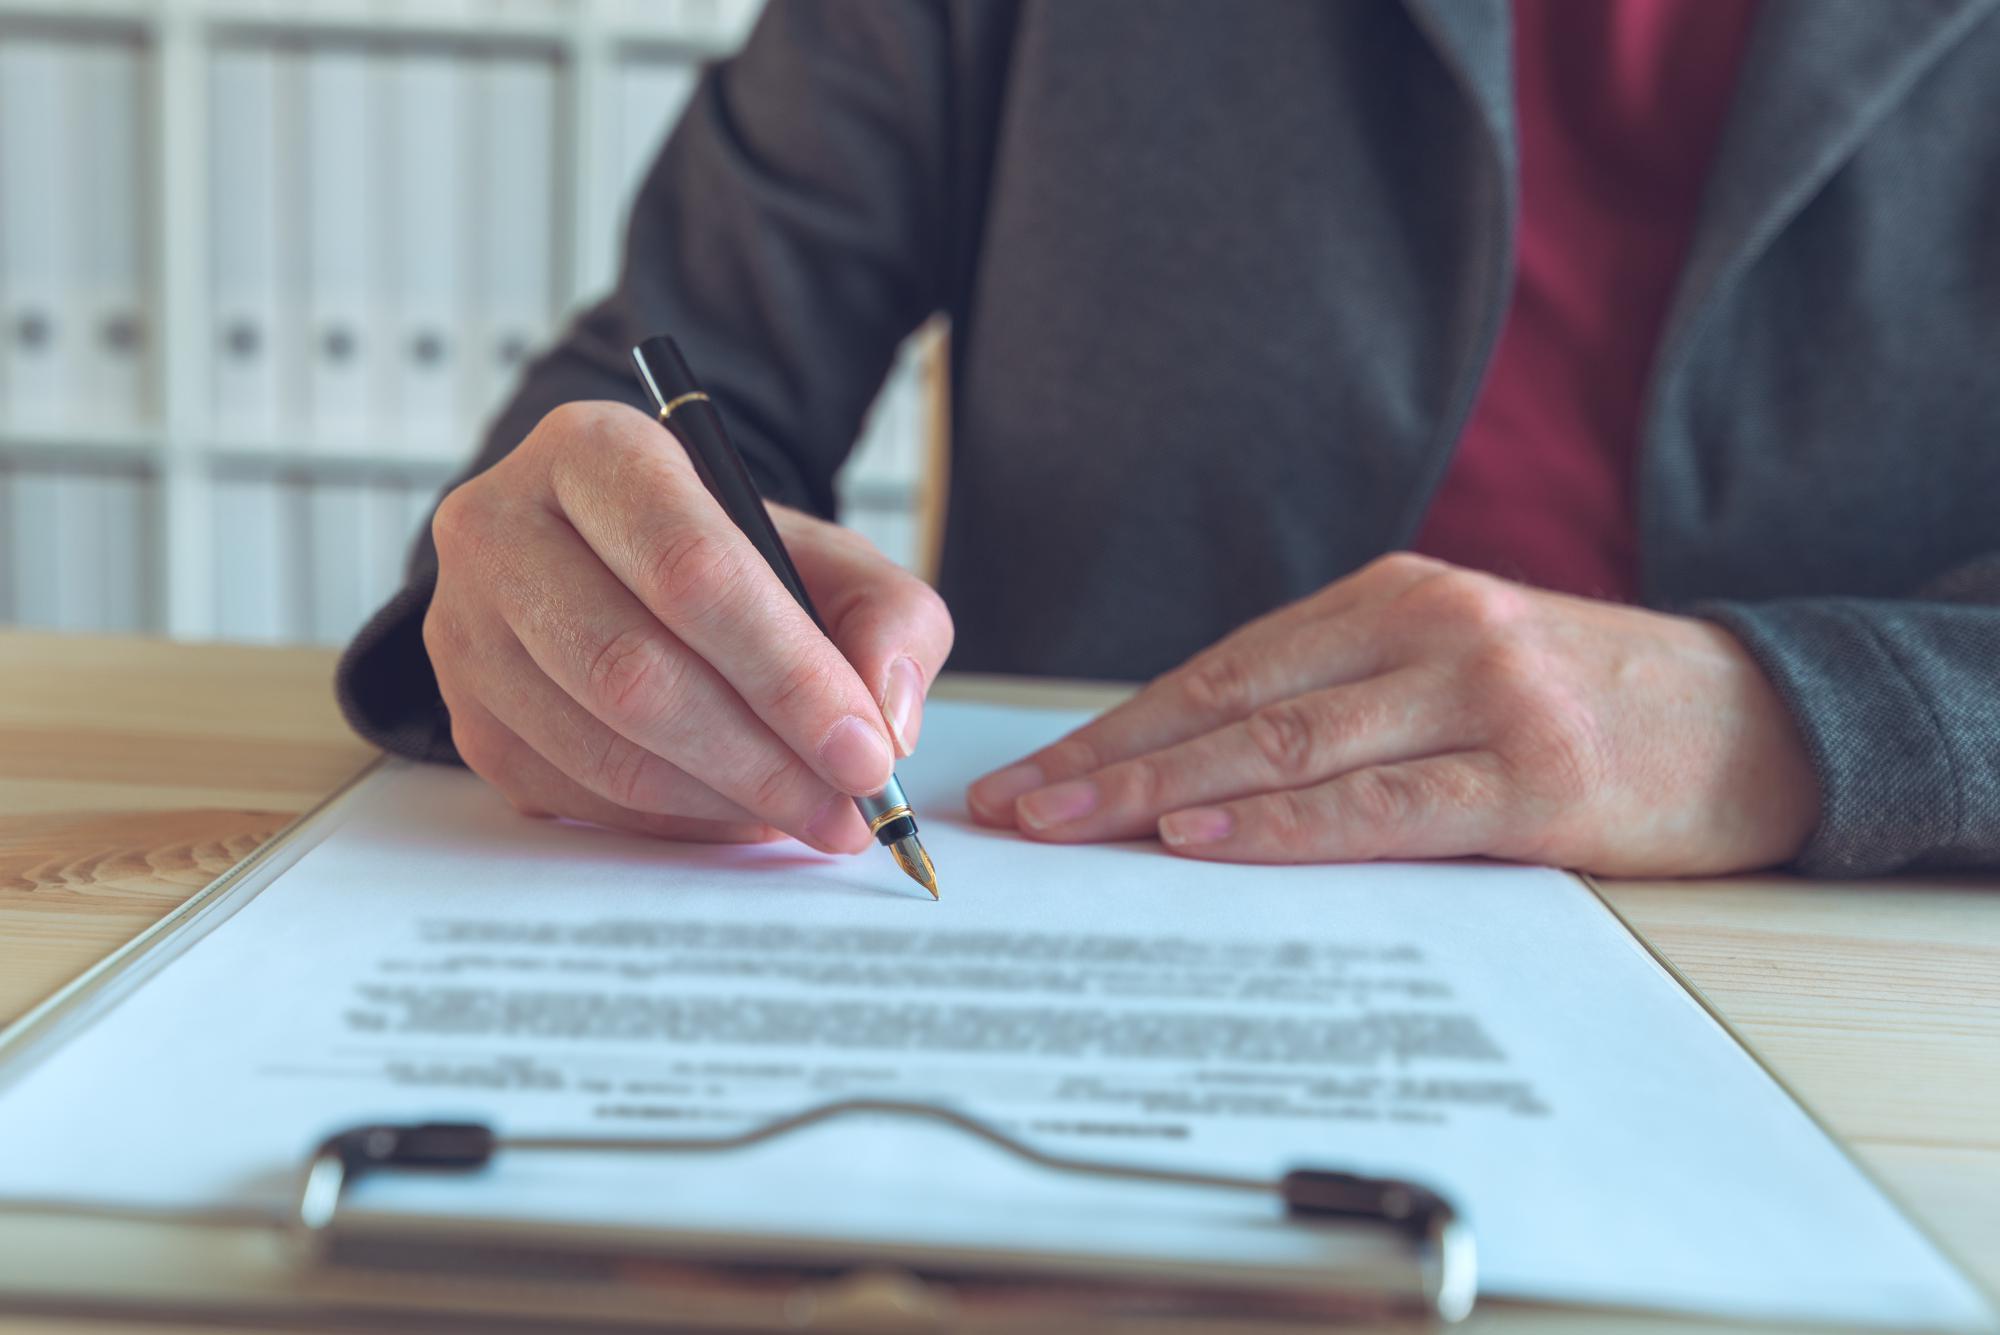 Планируется внести изменения в налоговую декларацию по ЕНВД